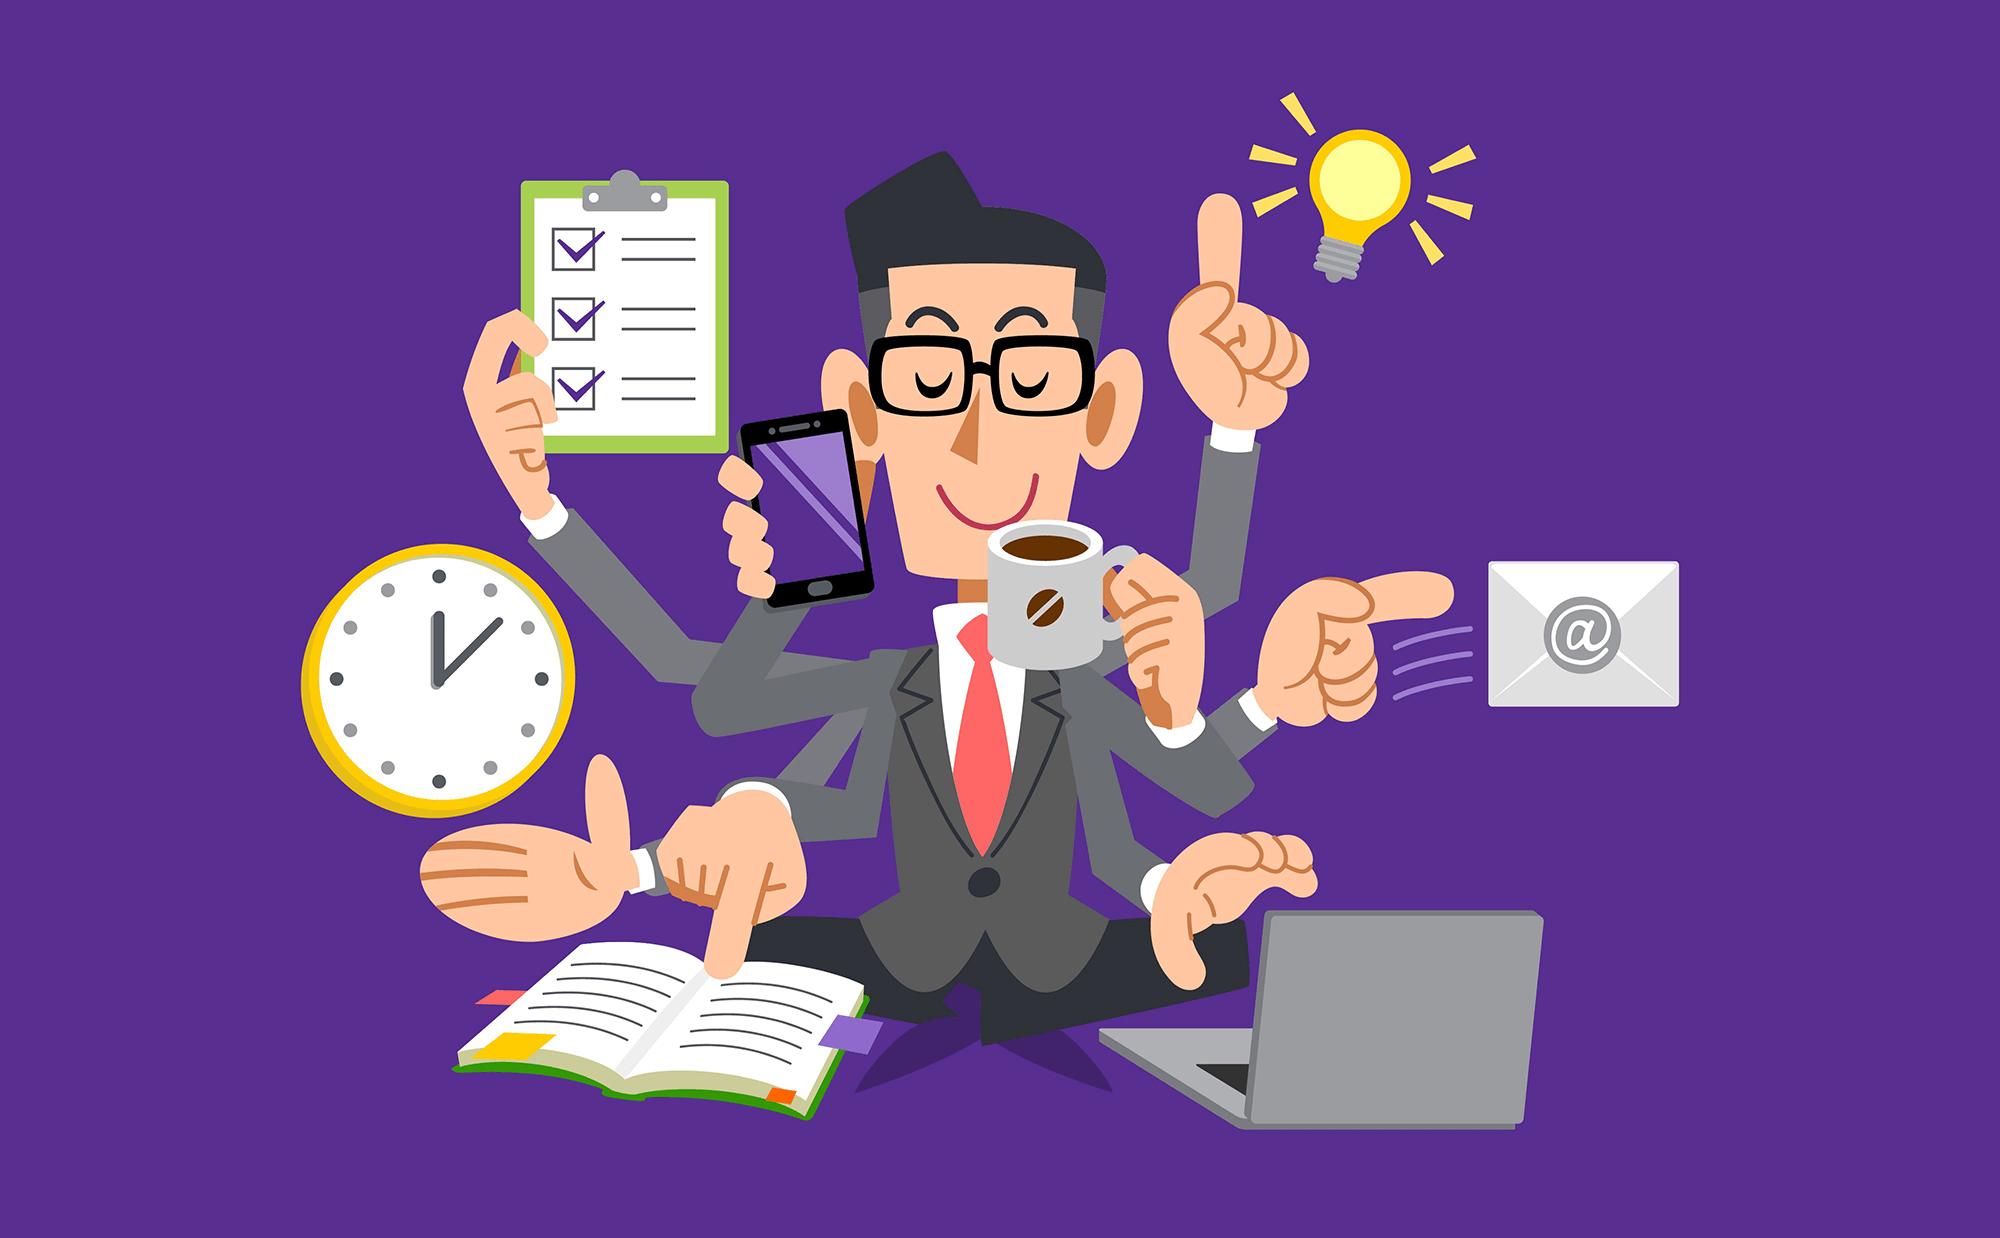 مدیر پروژه کیست و چه وظایفی دارد؟